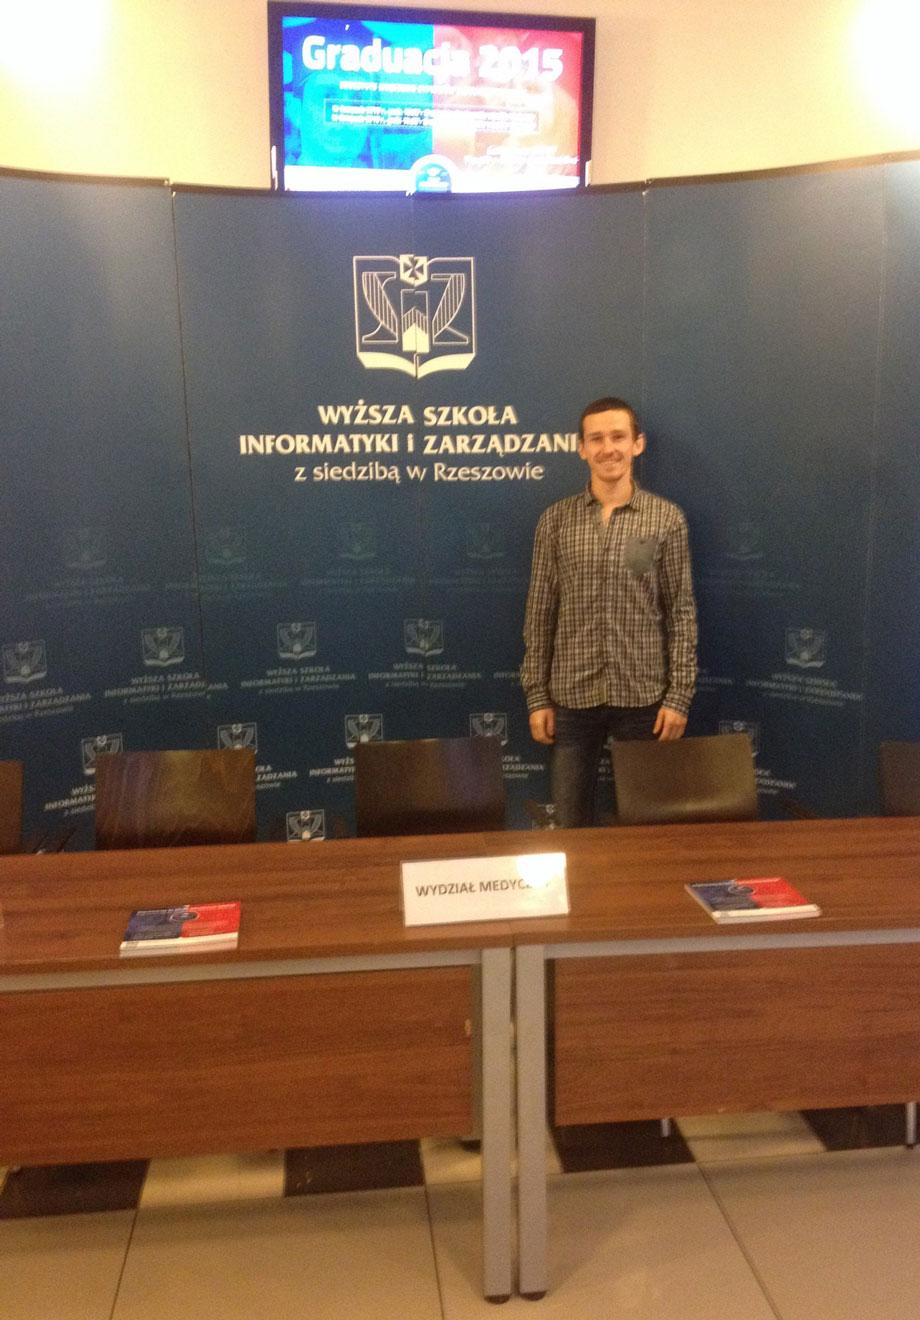 Вища школа інформатики та управління в Жешуві